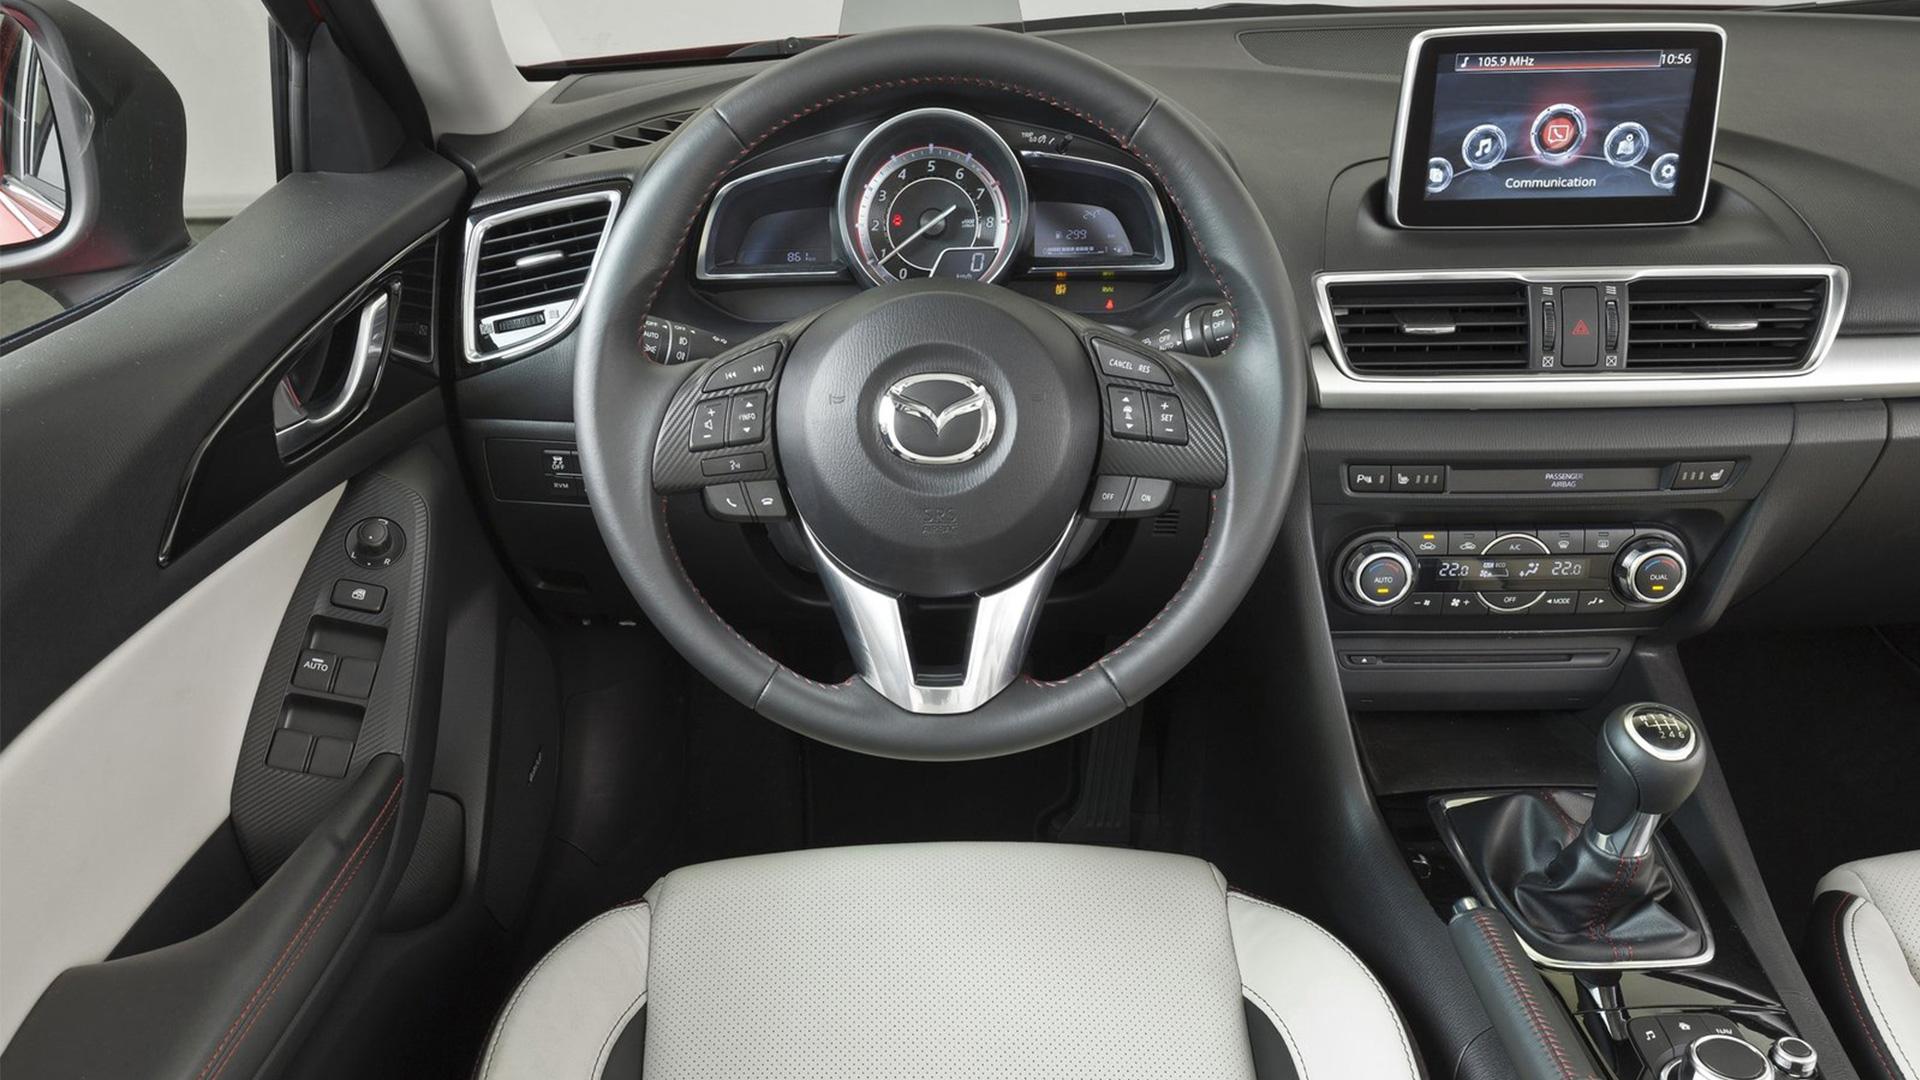 Mazda2 2016 tự hào với 4 phong cách nội thất hoàn toàn khác biệt bao gồm chất liệu vải xám nhạt cho cấp độ cơ bản và chất liệu da cao cấp với 3 màu kem, đỏ và màu đen cho ghế ngồi. Đây cũng là điểm mới mà ở những thế hệ trước chưa từng được xuất hiện.